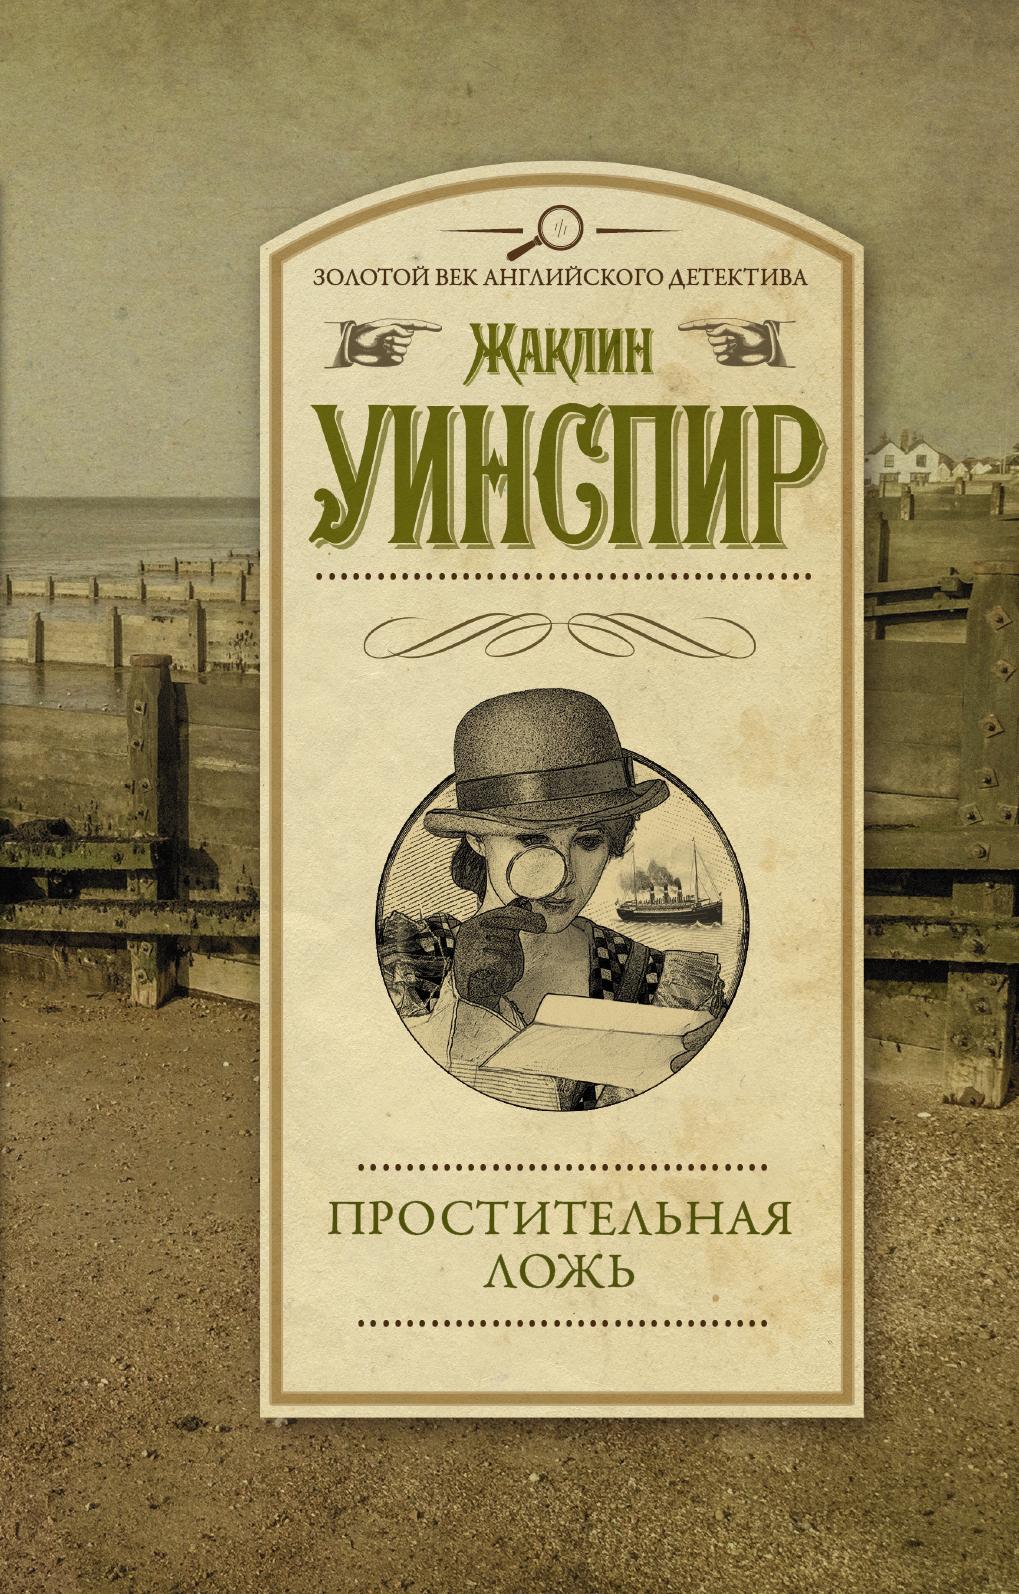 купить Жаклин Уинспир Простительная ложь по цене 117 рублей